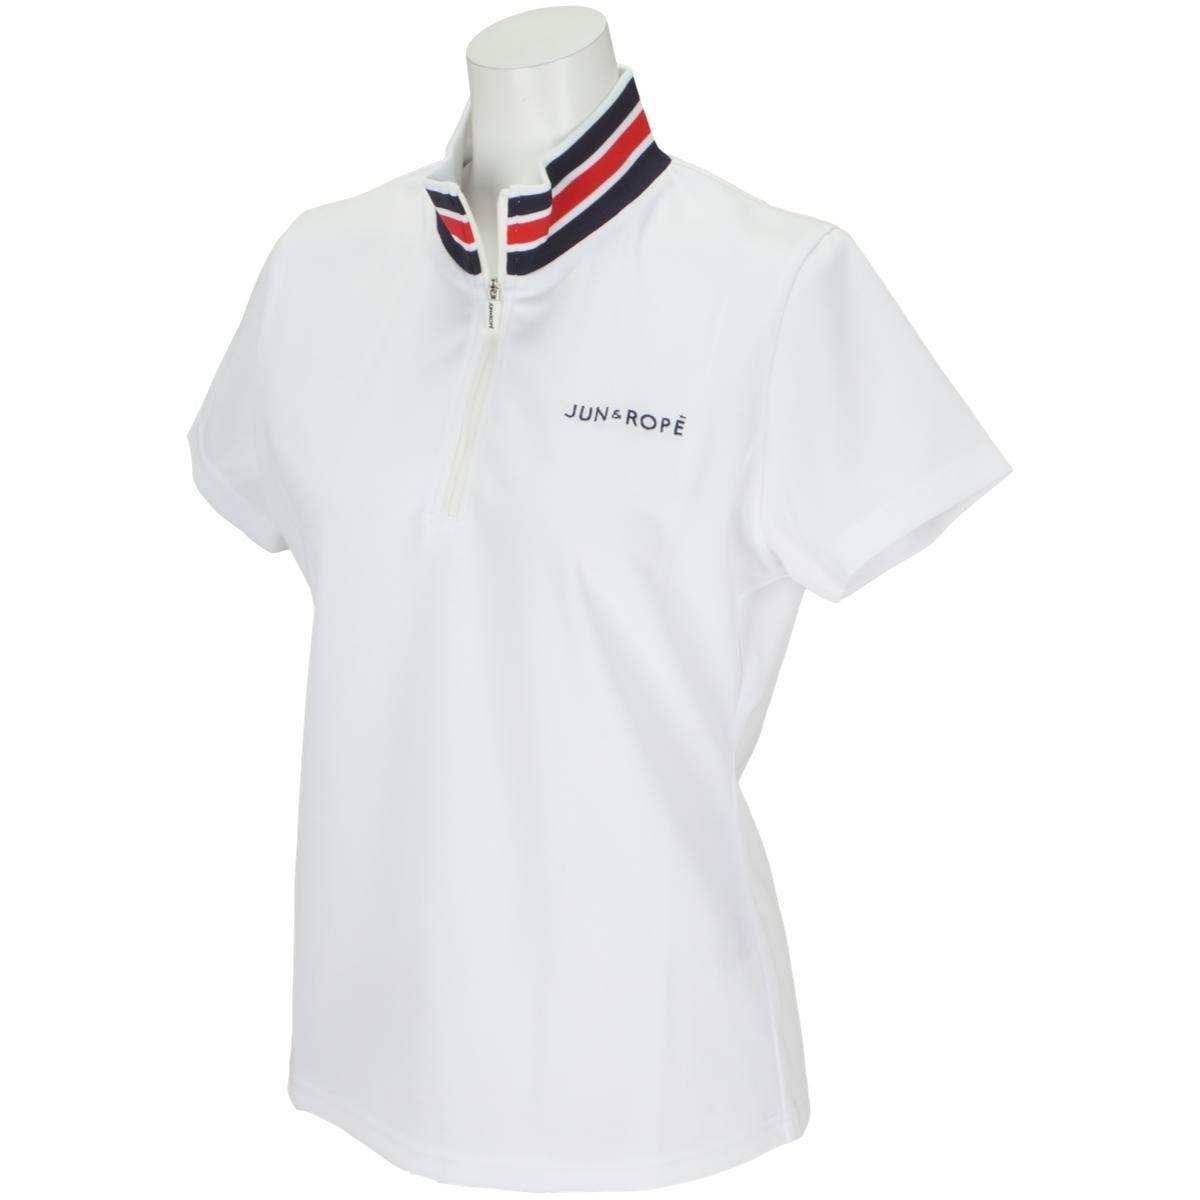 ジュン アンド ロペ JUN & ROPE 衿テレコジップアップ半袖シャツ S ホワイト 10 レディス